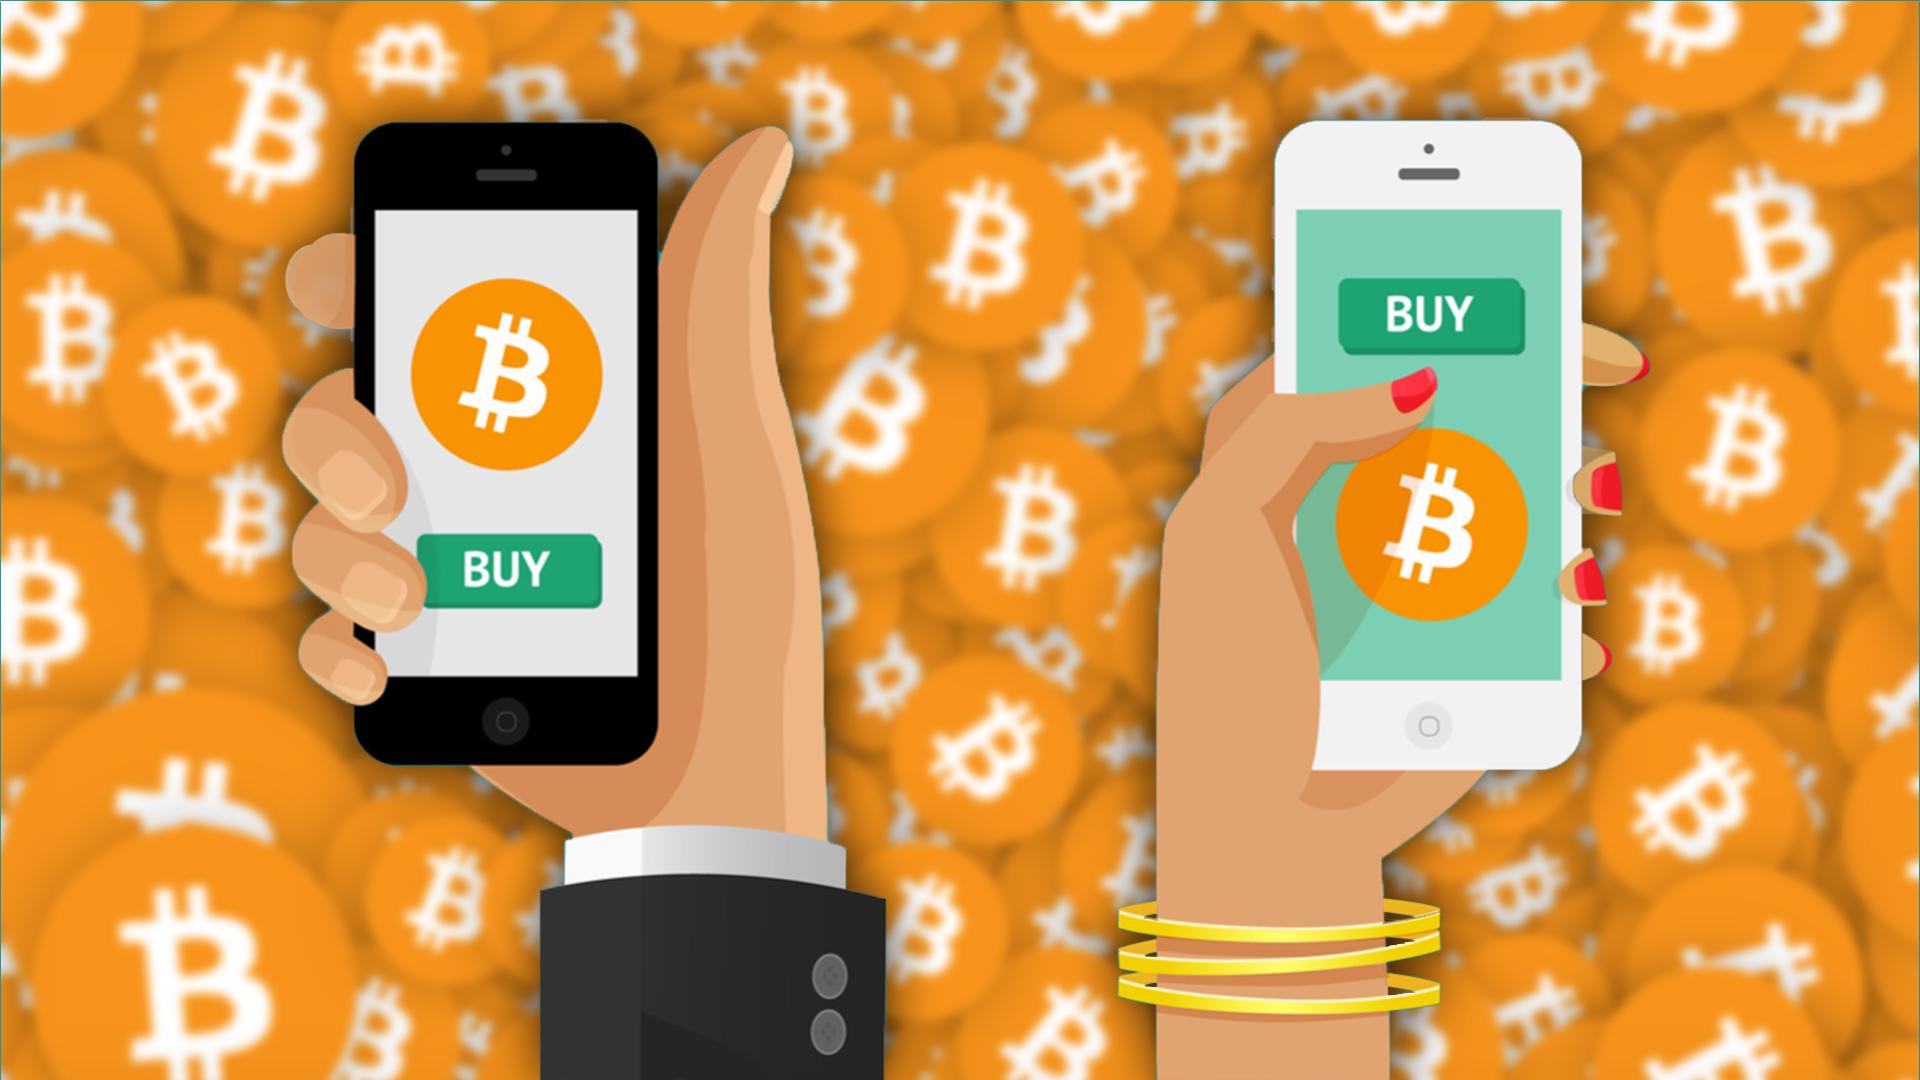 راهنمای ورود به بازار رمز ارزها (از کجا شروع کنم؟)